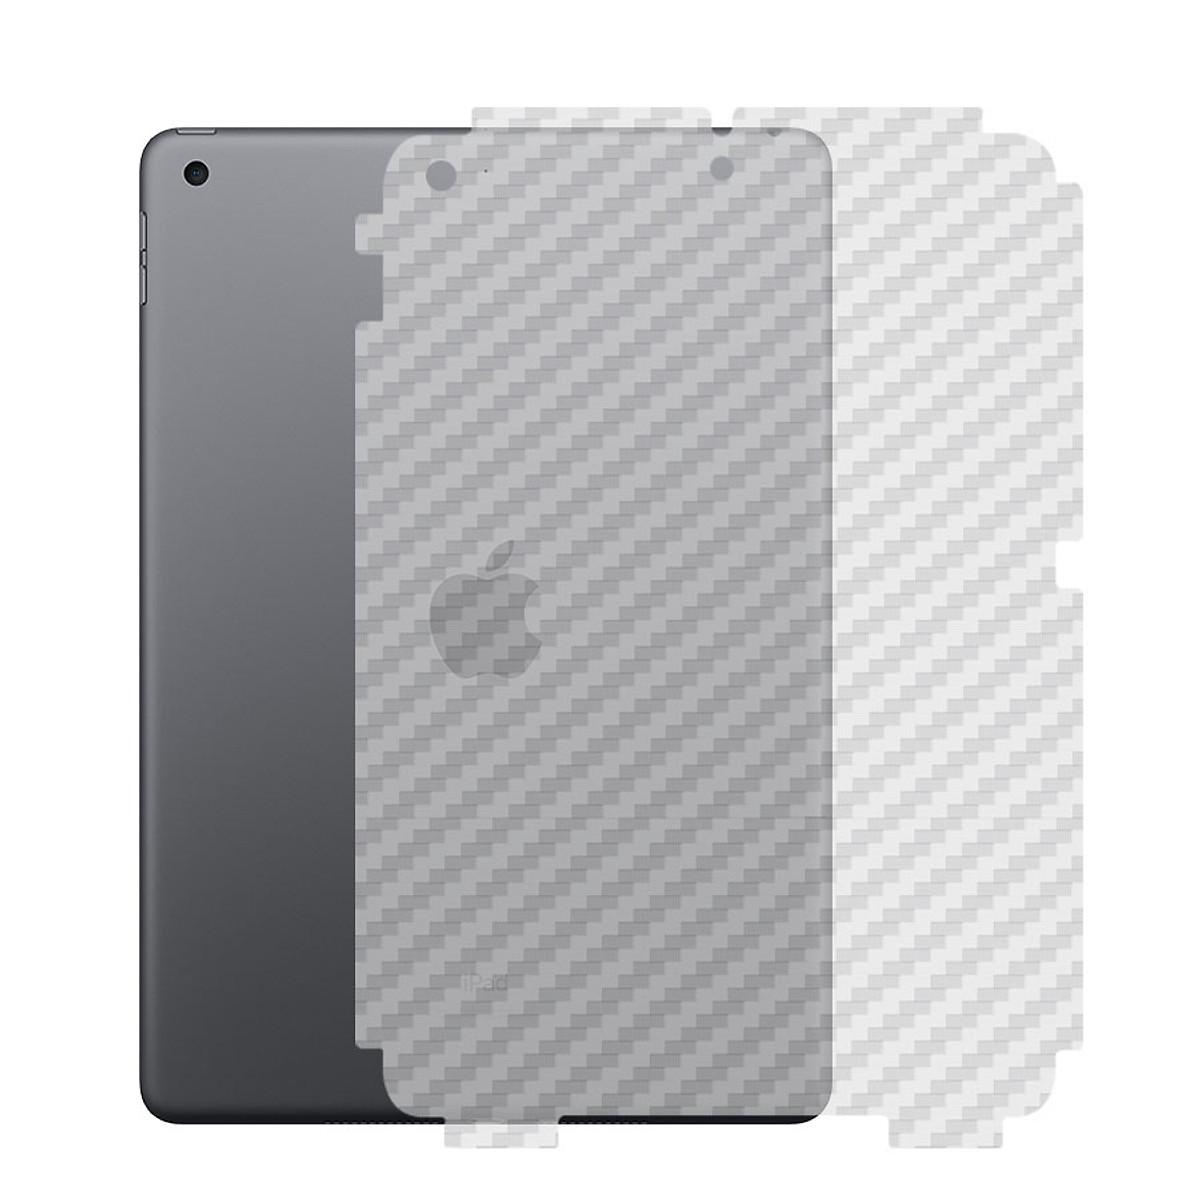 Miếng dán Carbon mặt lưng cho ipad Pro 9.7 inch